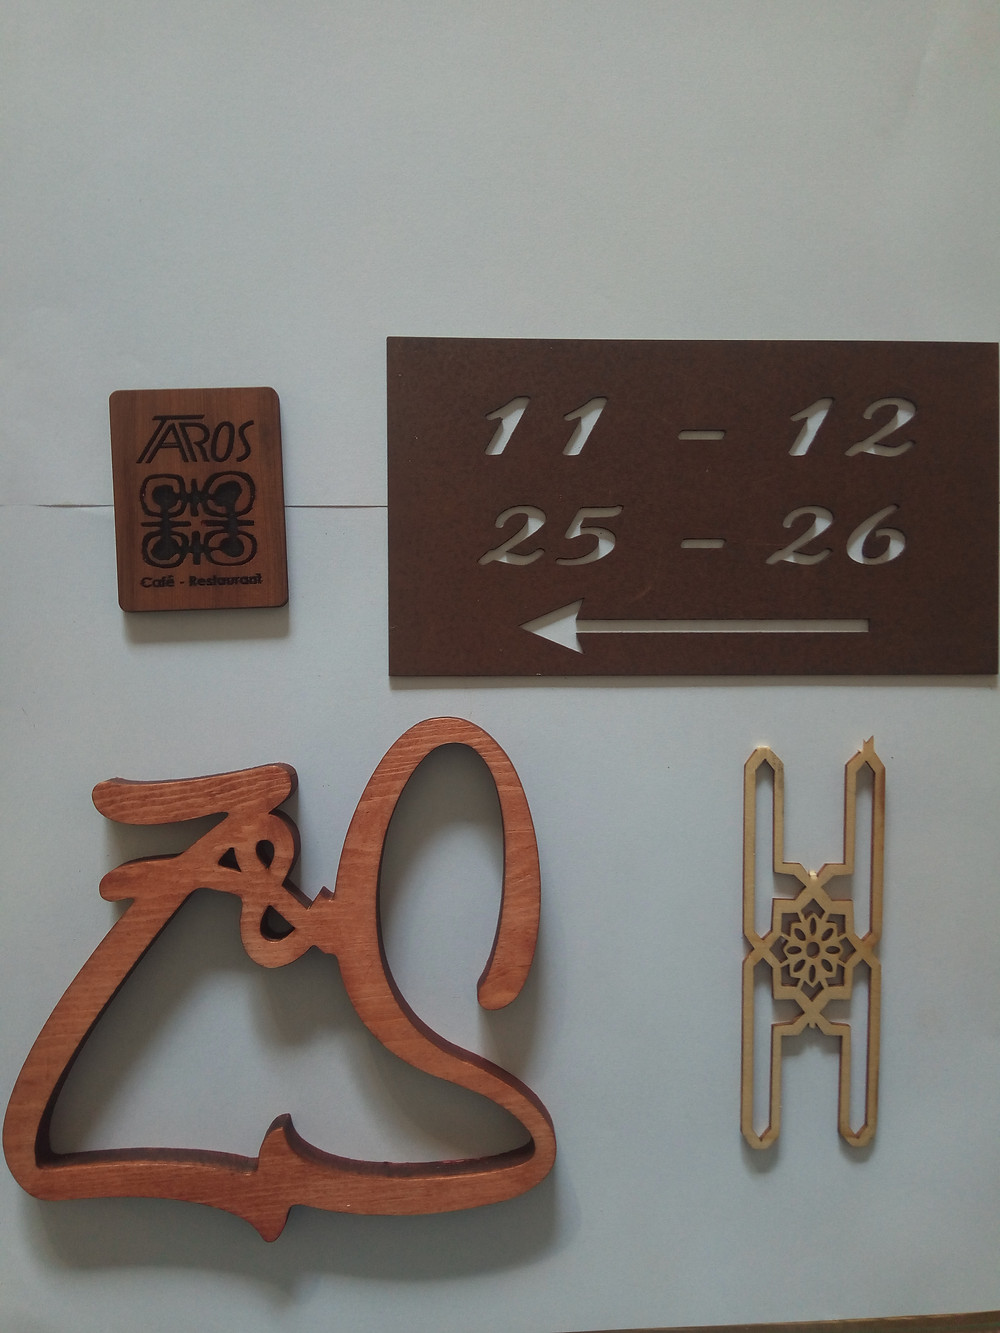 personnalisation d'objet laser et gravure sur bois et sur métal